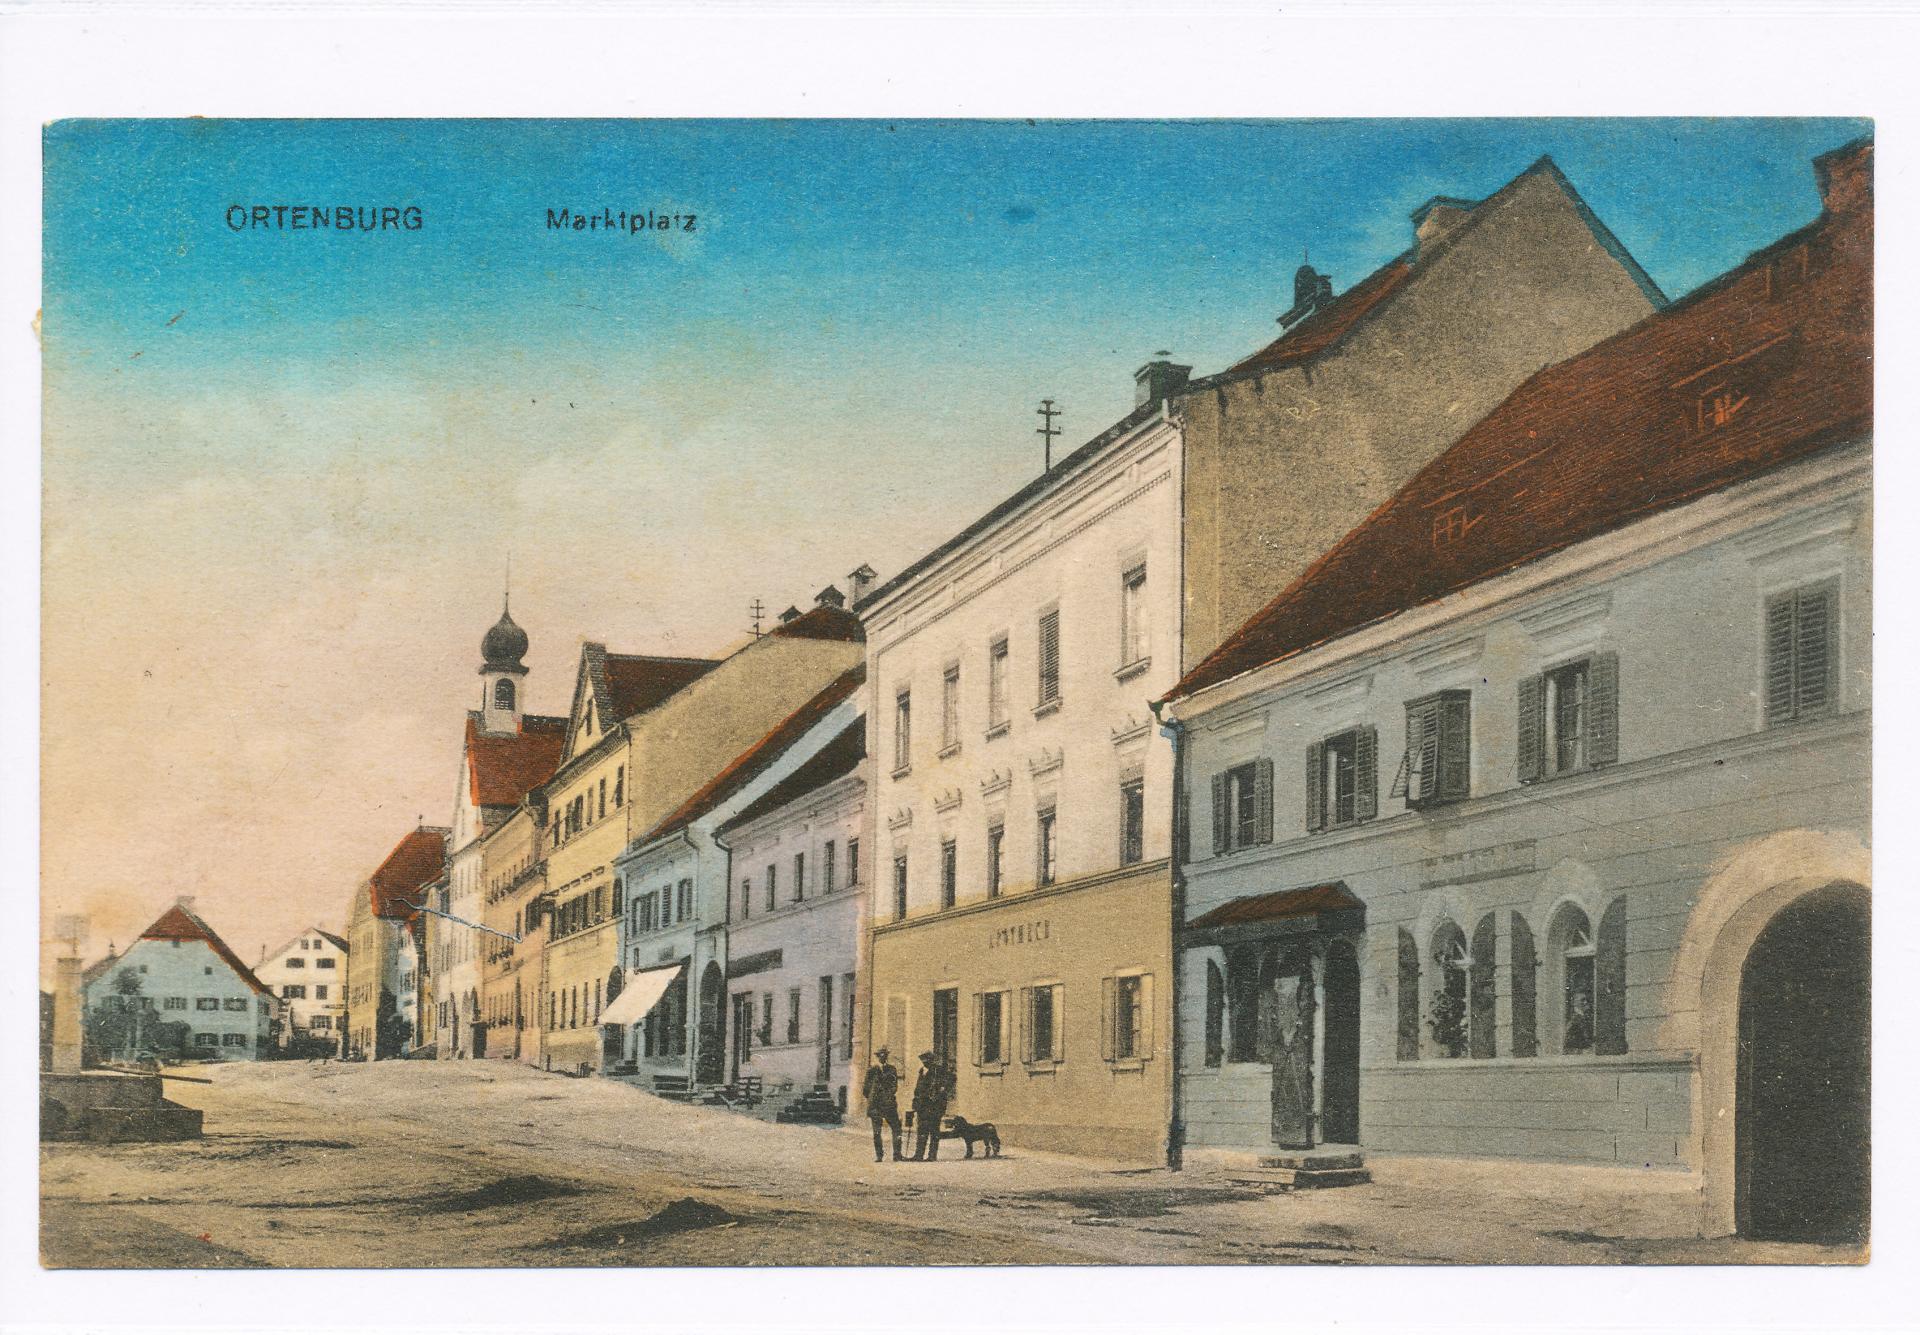 Historische Ansicht des Ortenburger Marktplatzes um 1920